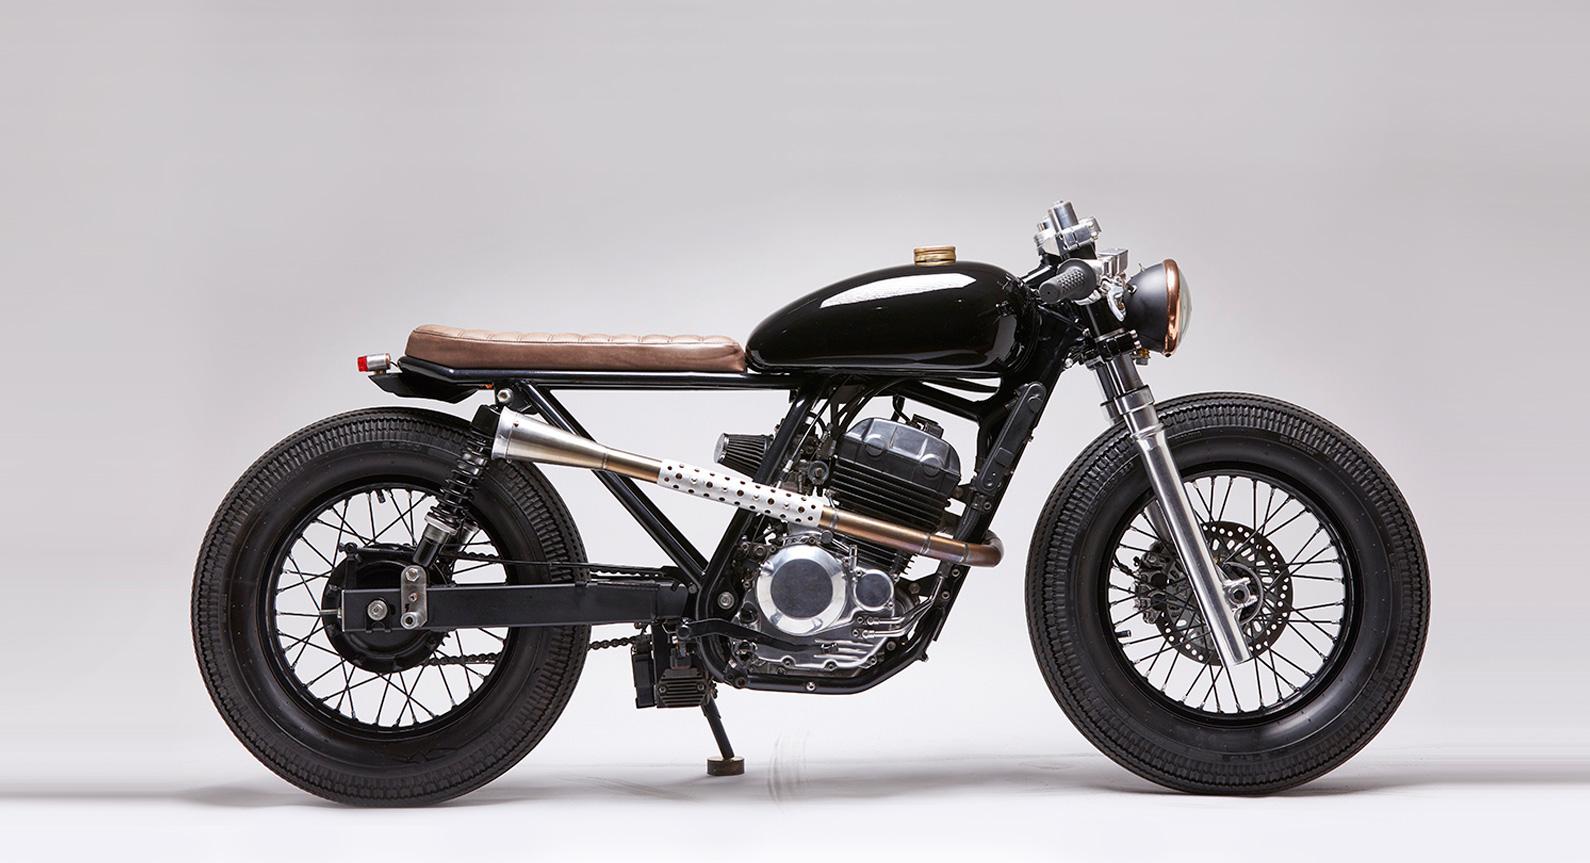 Introducing The Honda Tornado Cafe Racer By Vida Bandida Motorcycles